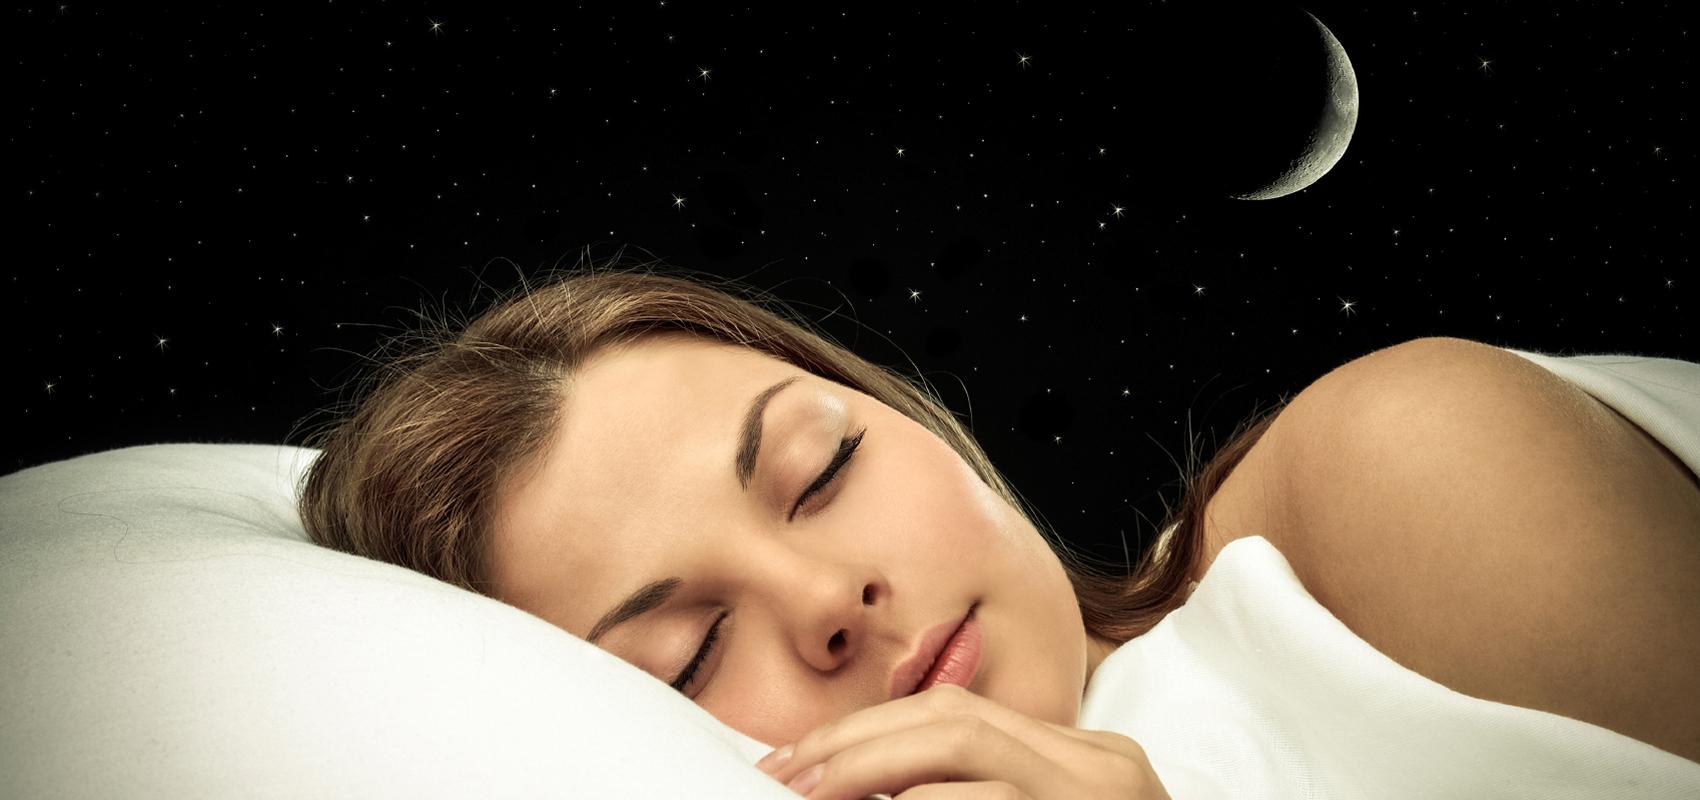 Сон в руку: когда снится будущее